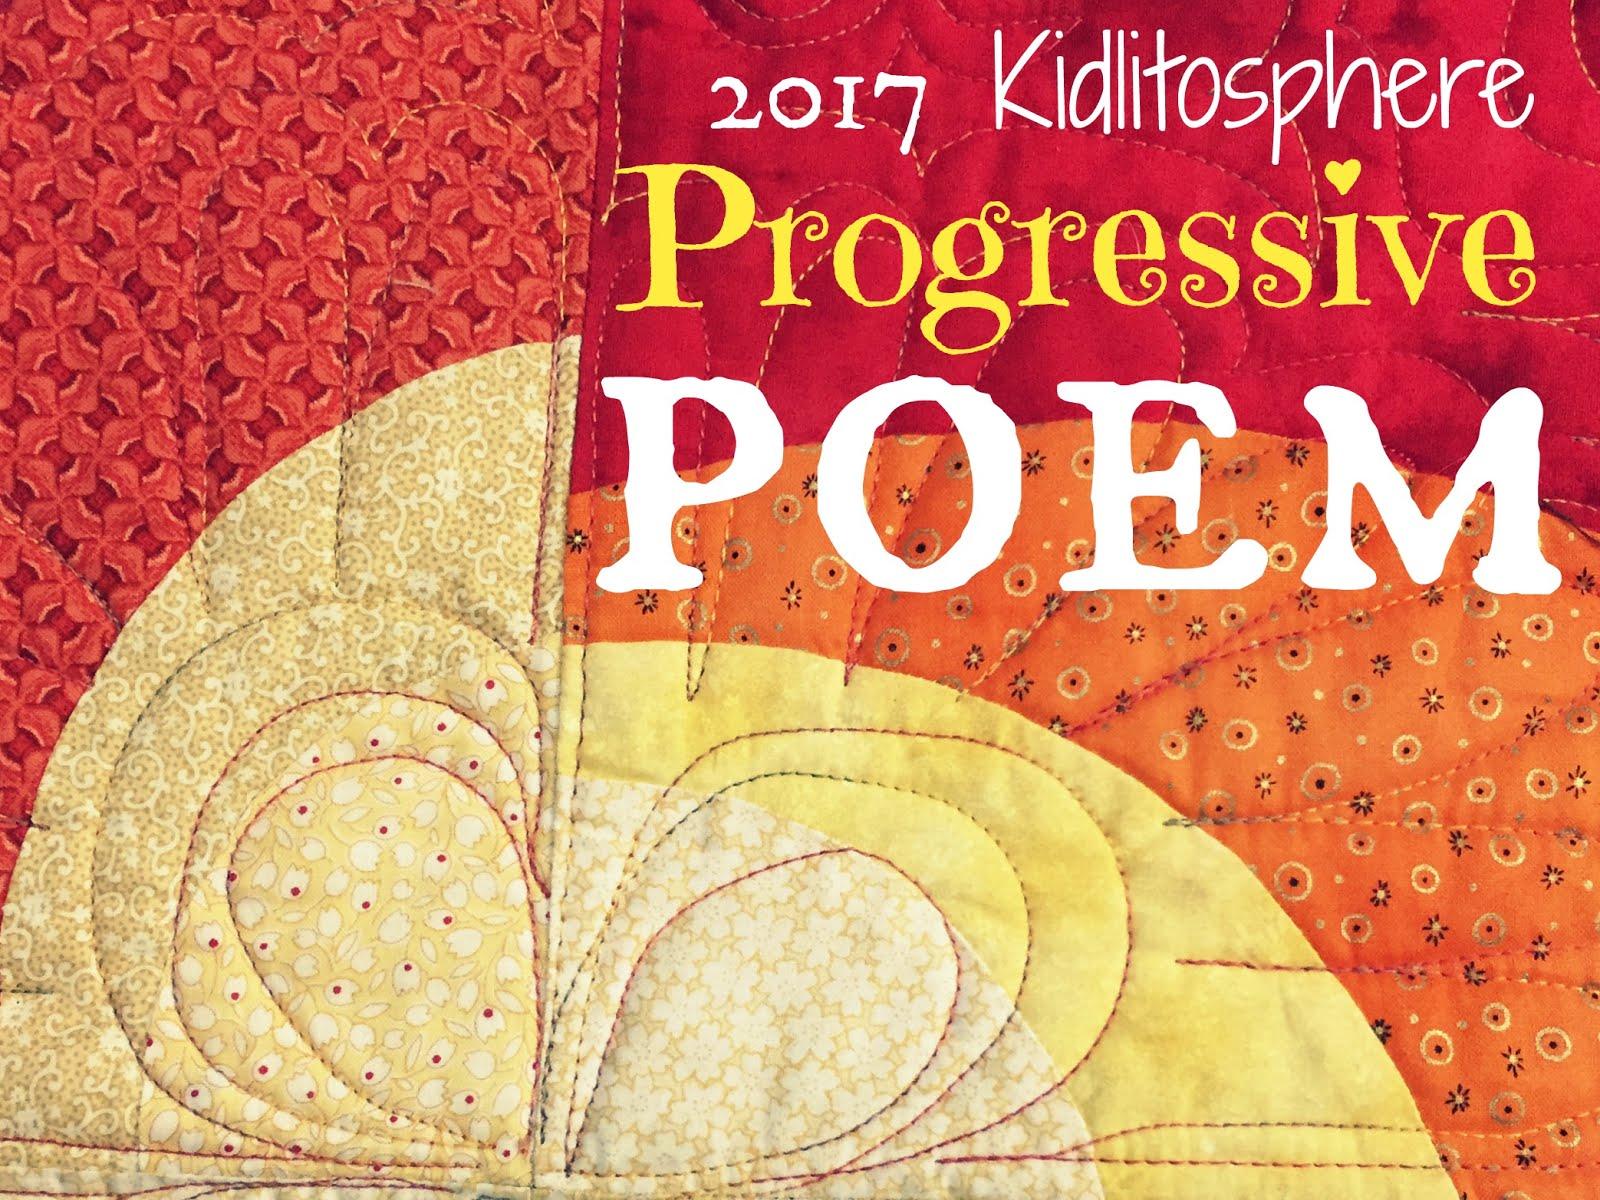 2017 Kidlitosphere Poem